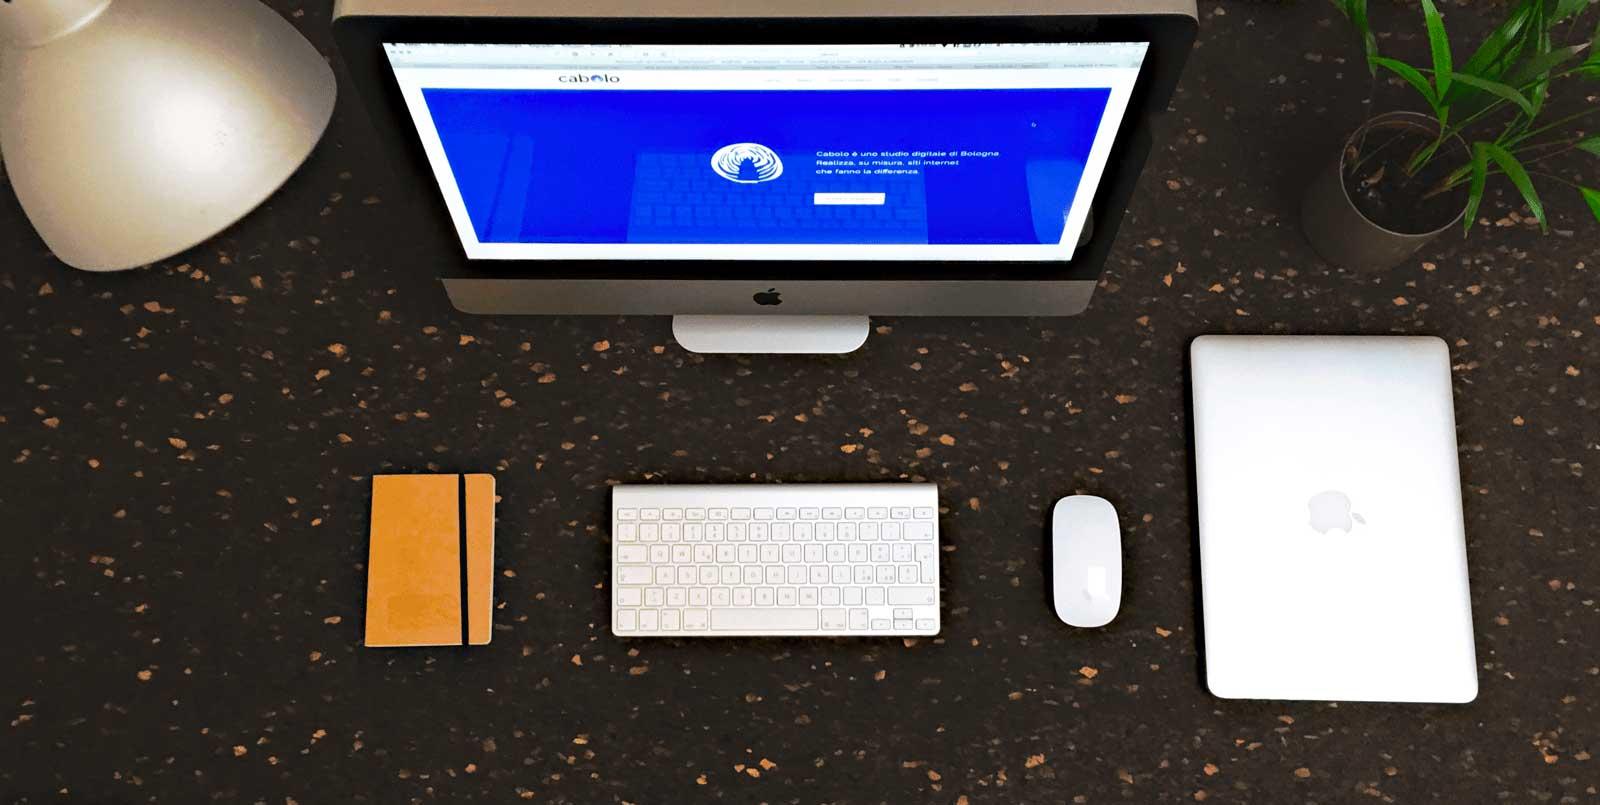 La scrivania di Cabolo, Web agency di bologna e bari